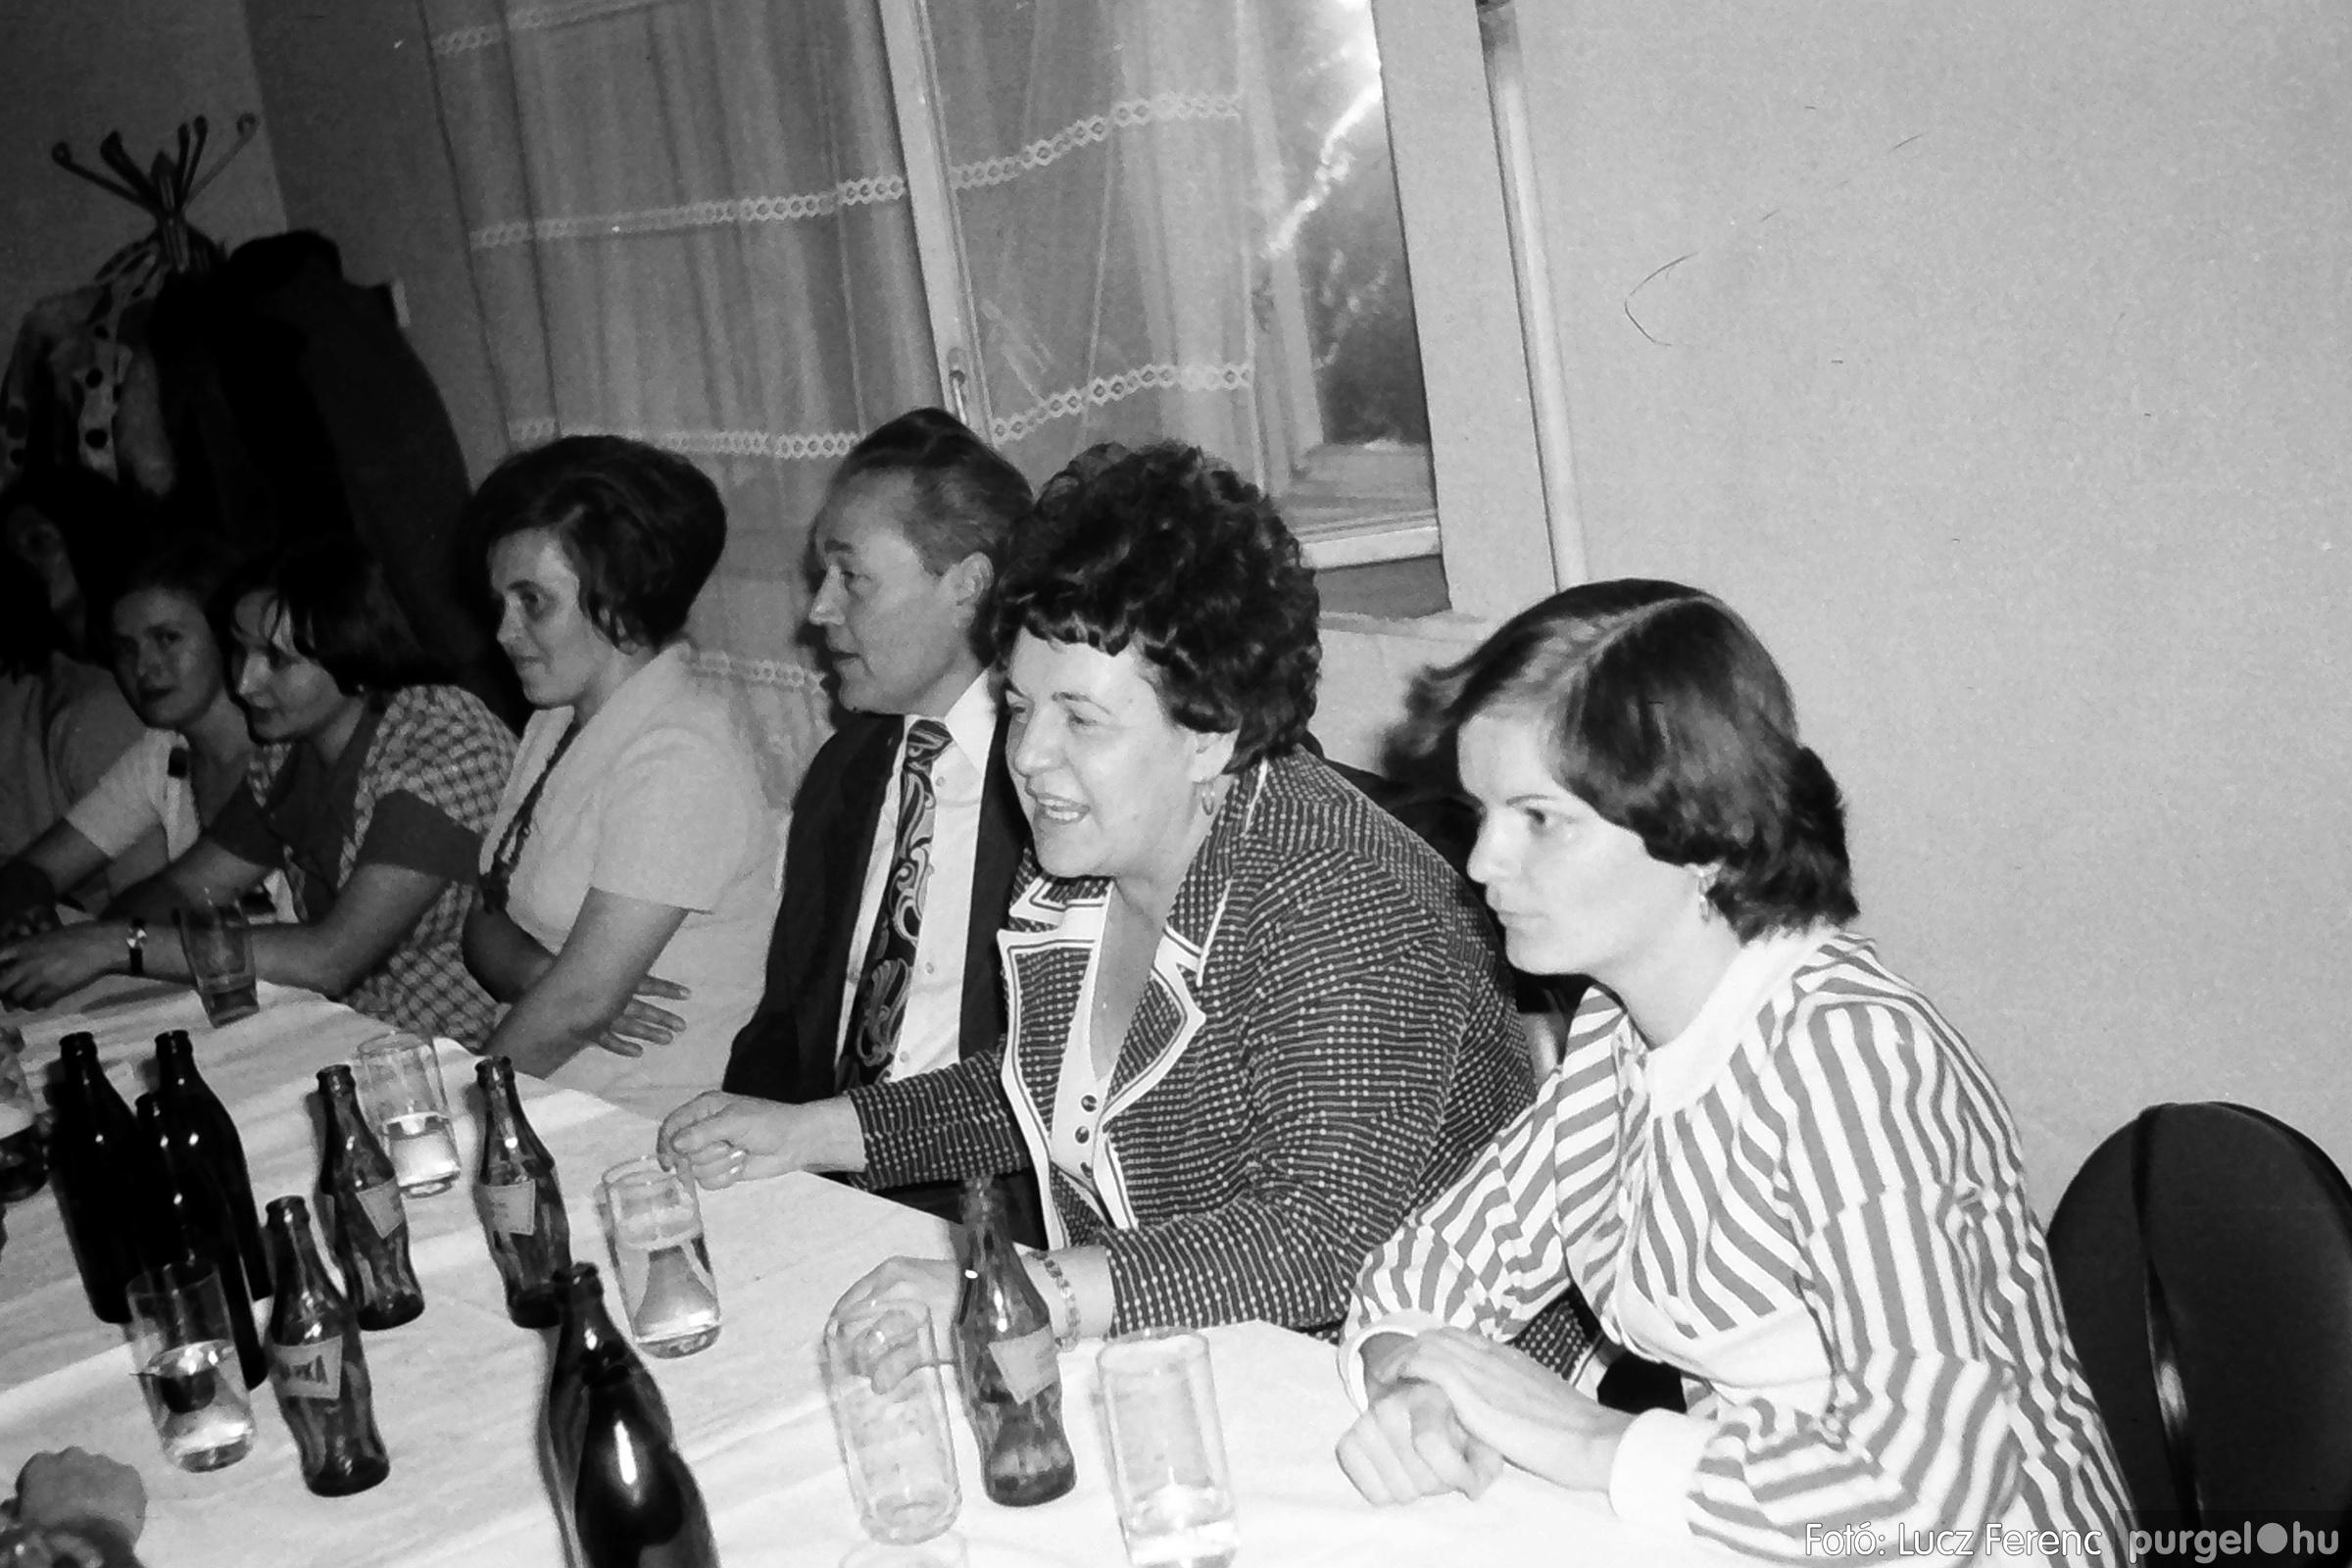 064-065. 1976. KTSZ-es dínomdánom a vendéglőben 004. - Fotó: Lucz Ferenc.jpg